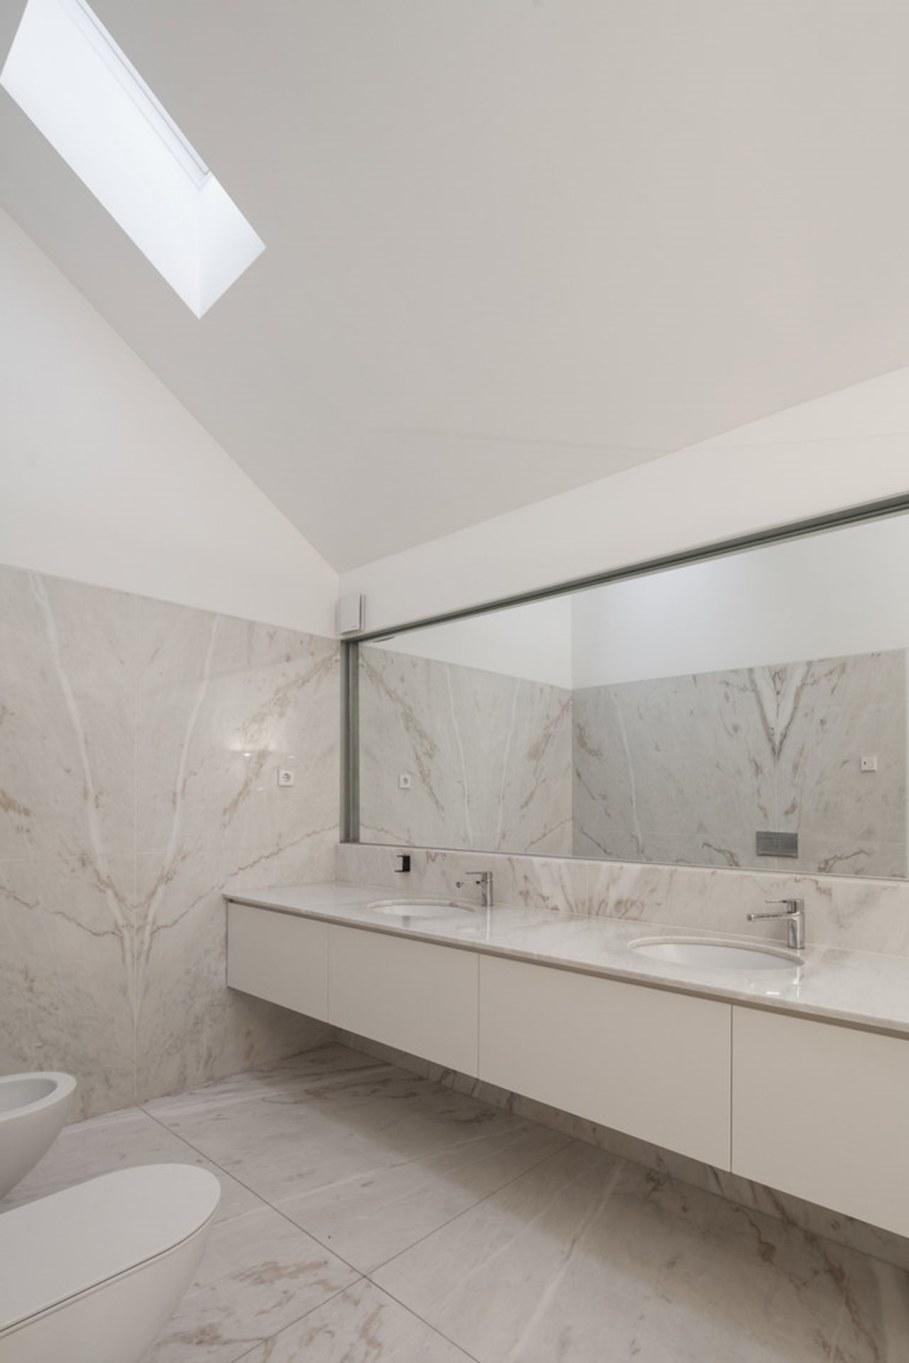 House of four houses - bathroom 2